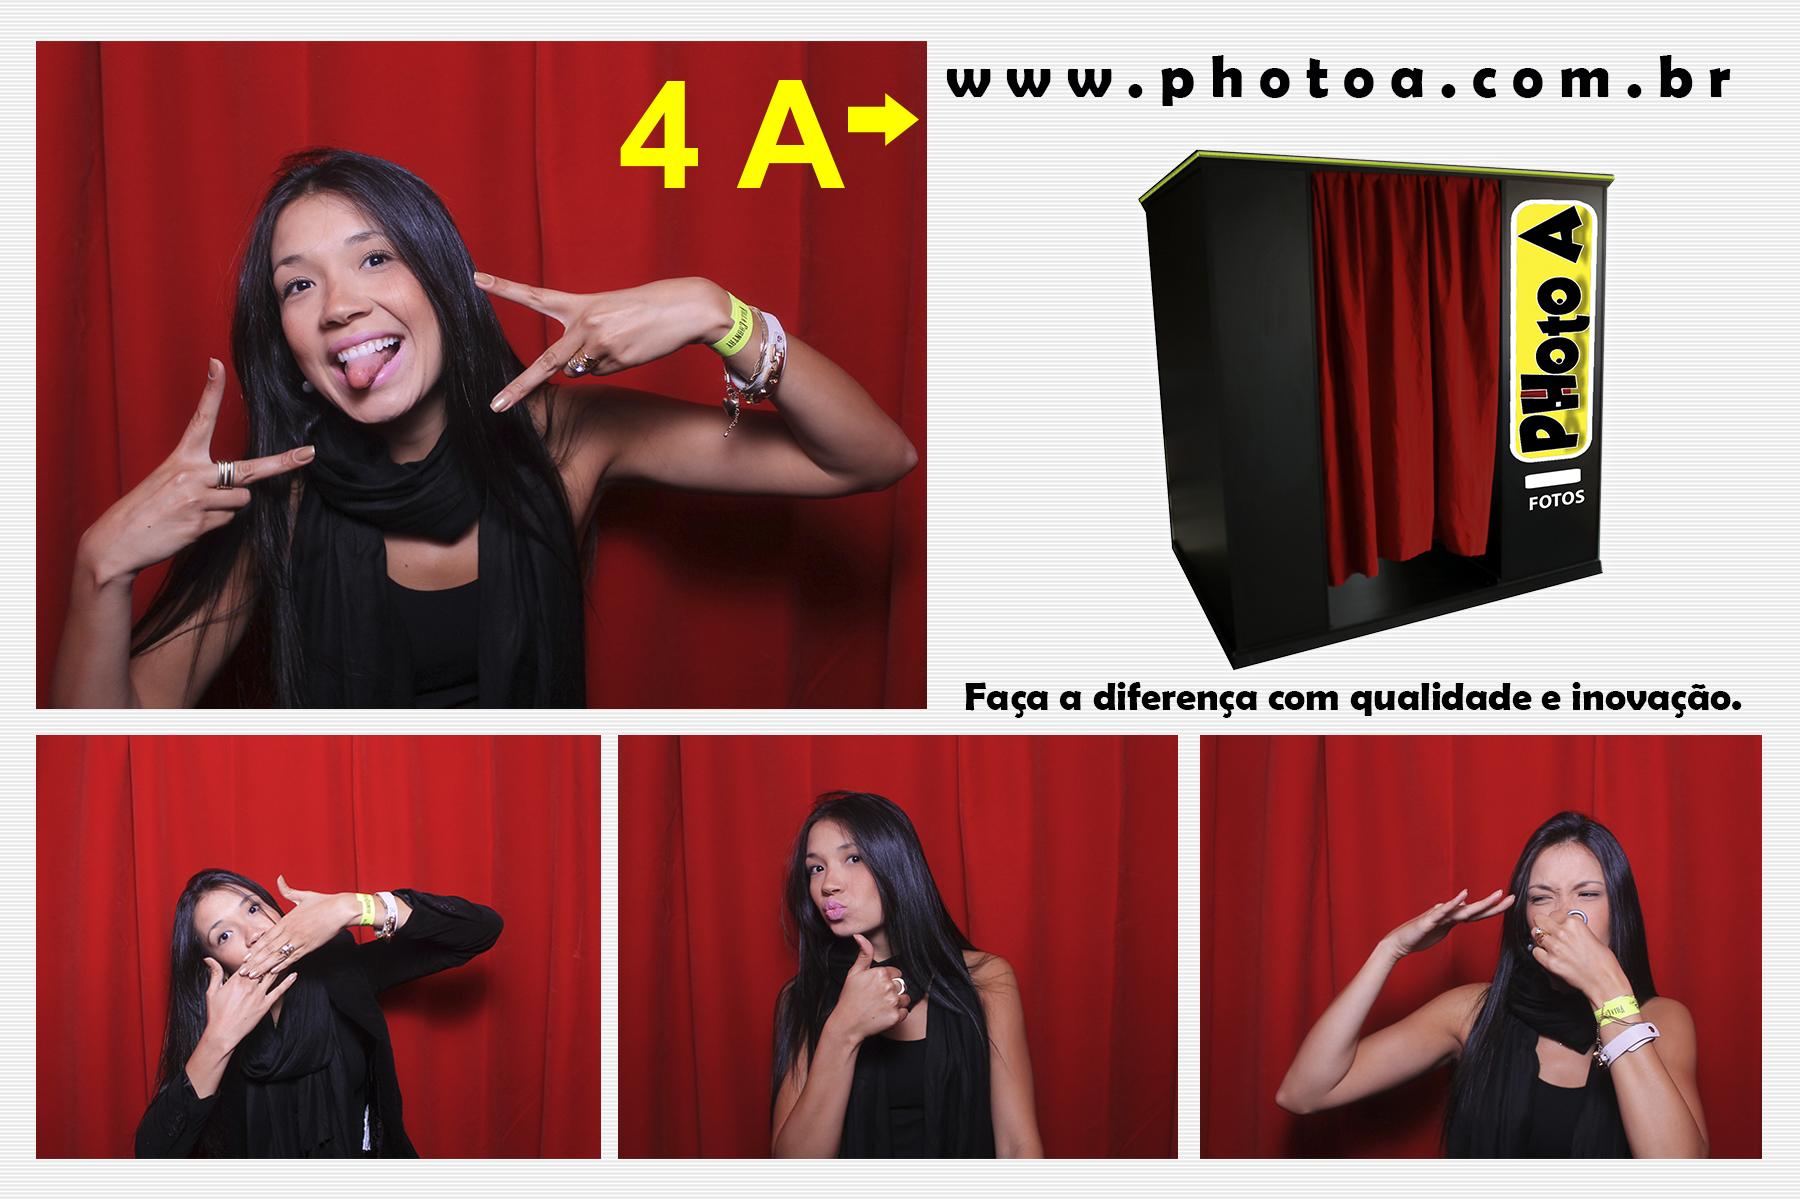 Photo A (exemplo 4) - cabine de fotos - fotocabine - fotos cabine - photo booth - maquina de fotos